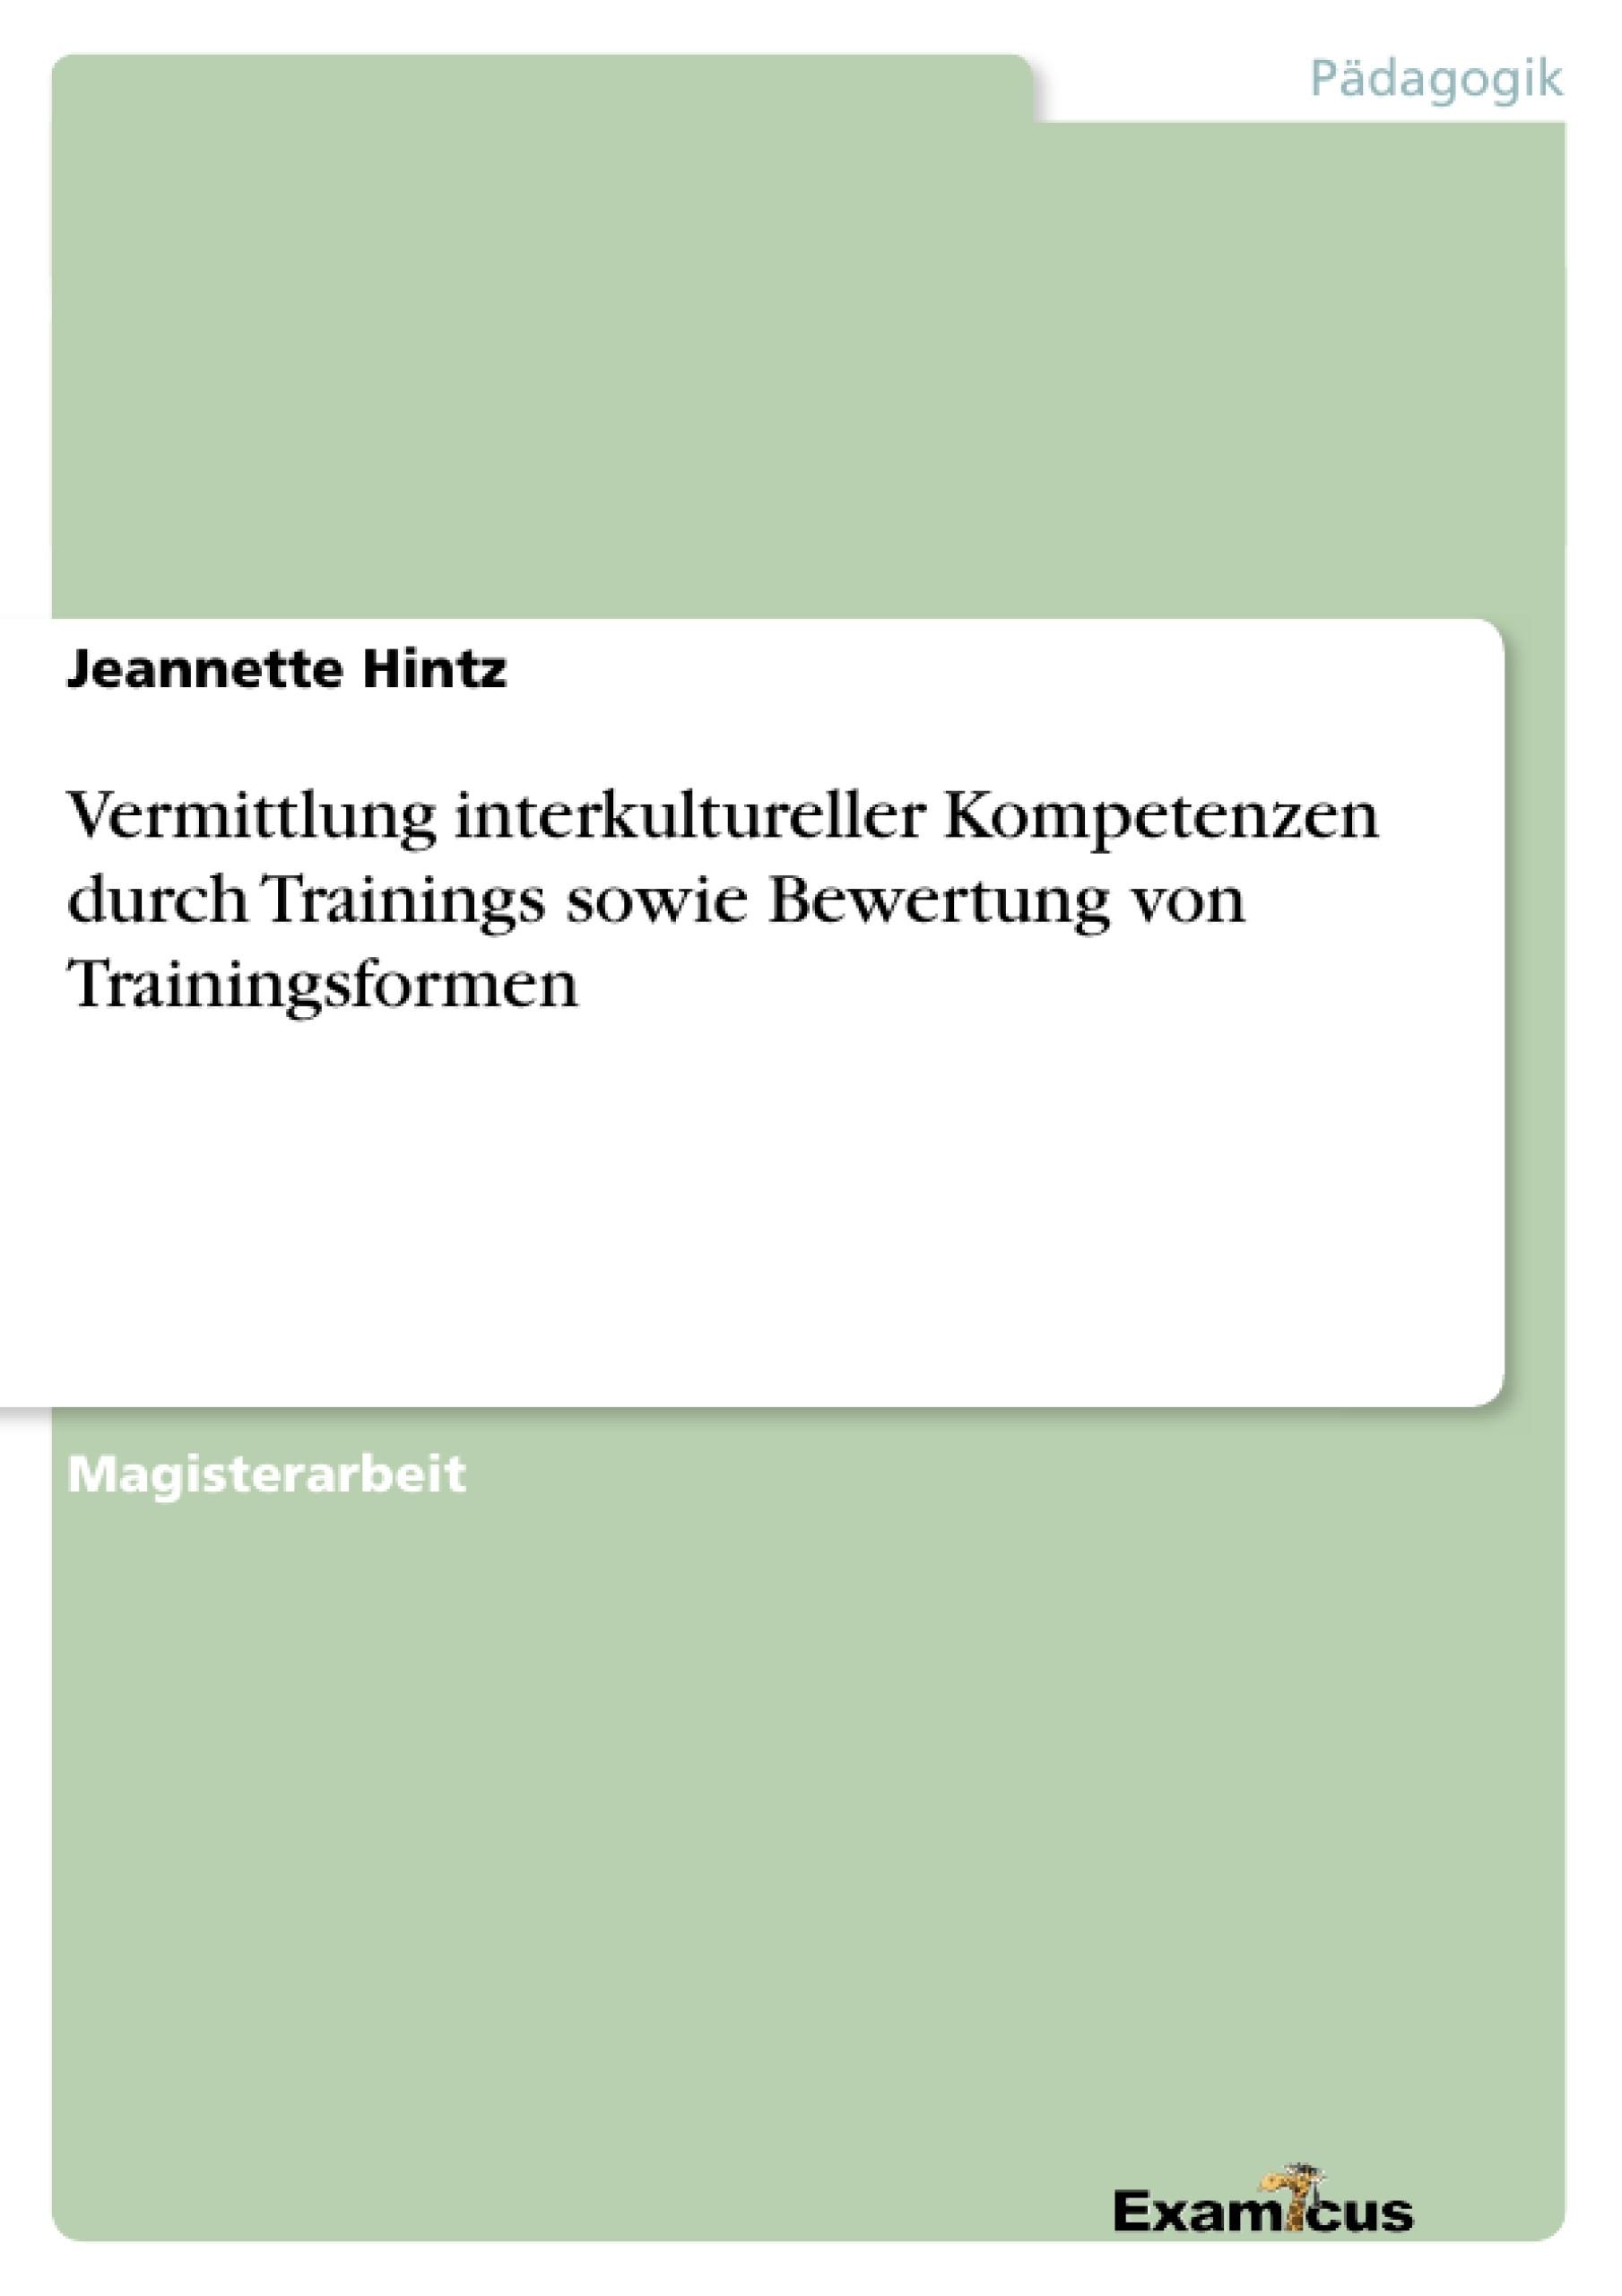 Titel: Vermittlung interkultureller Kompetenzen durch Trainings sowie Bewertung von Trainingsformen